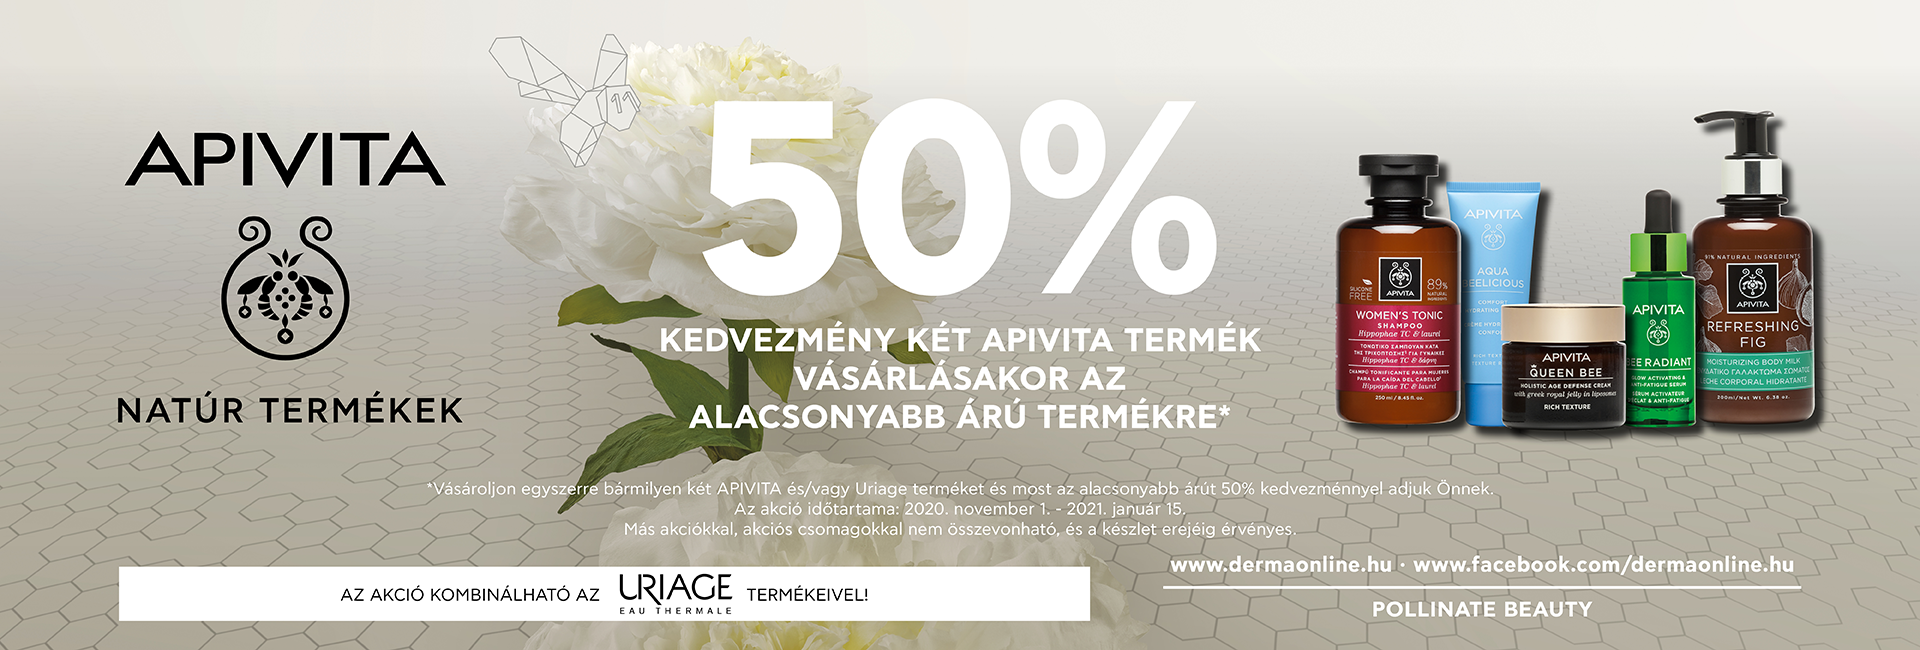 2020. december 31. és 2021. január 15. között a második Uriage vagy Apivita termékre 50% kedvezményt adunk!